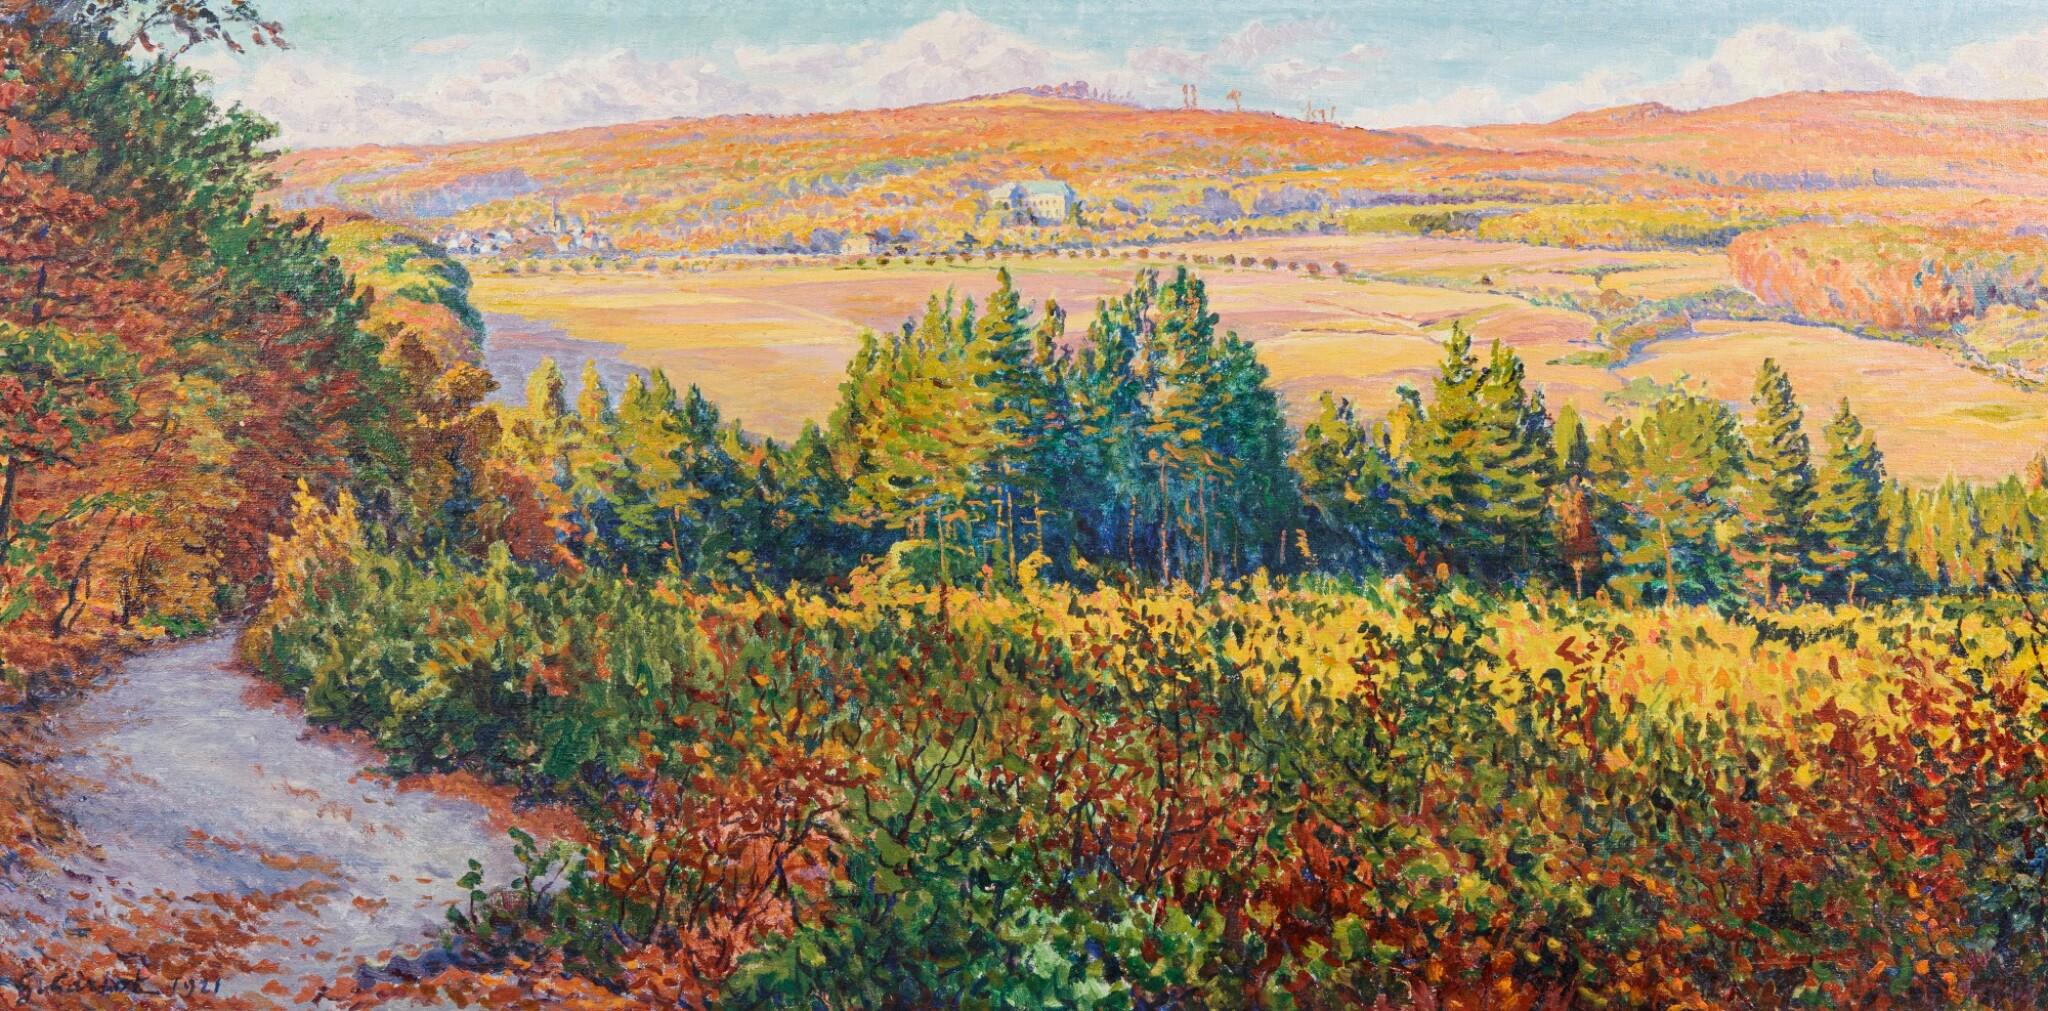 View 1 of Lot 108. Paysage, effets d'automne à Mandres.